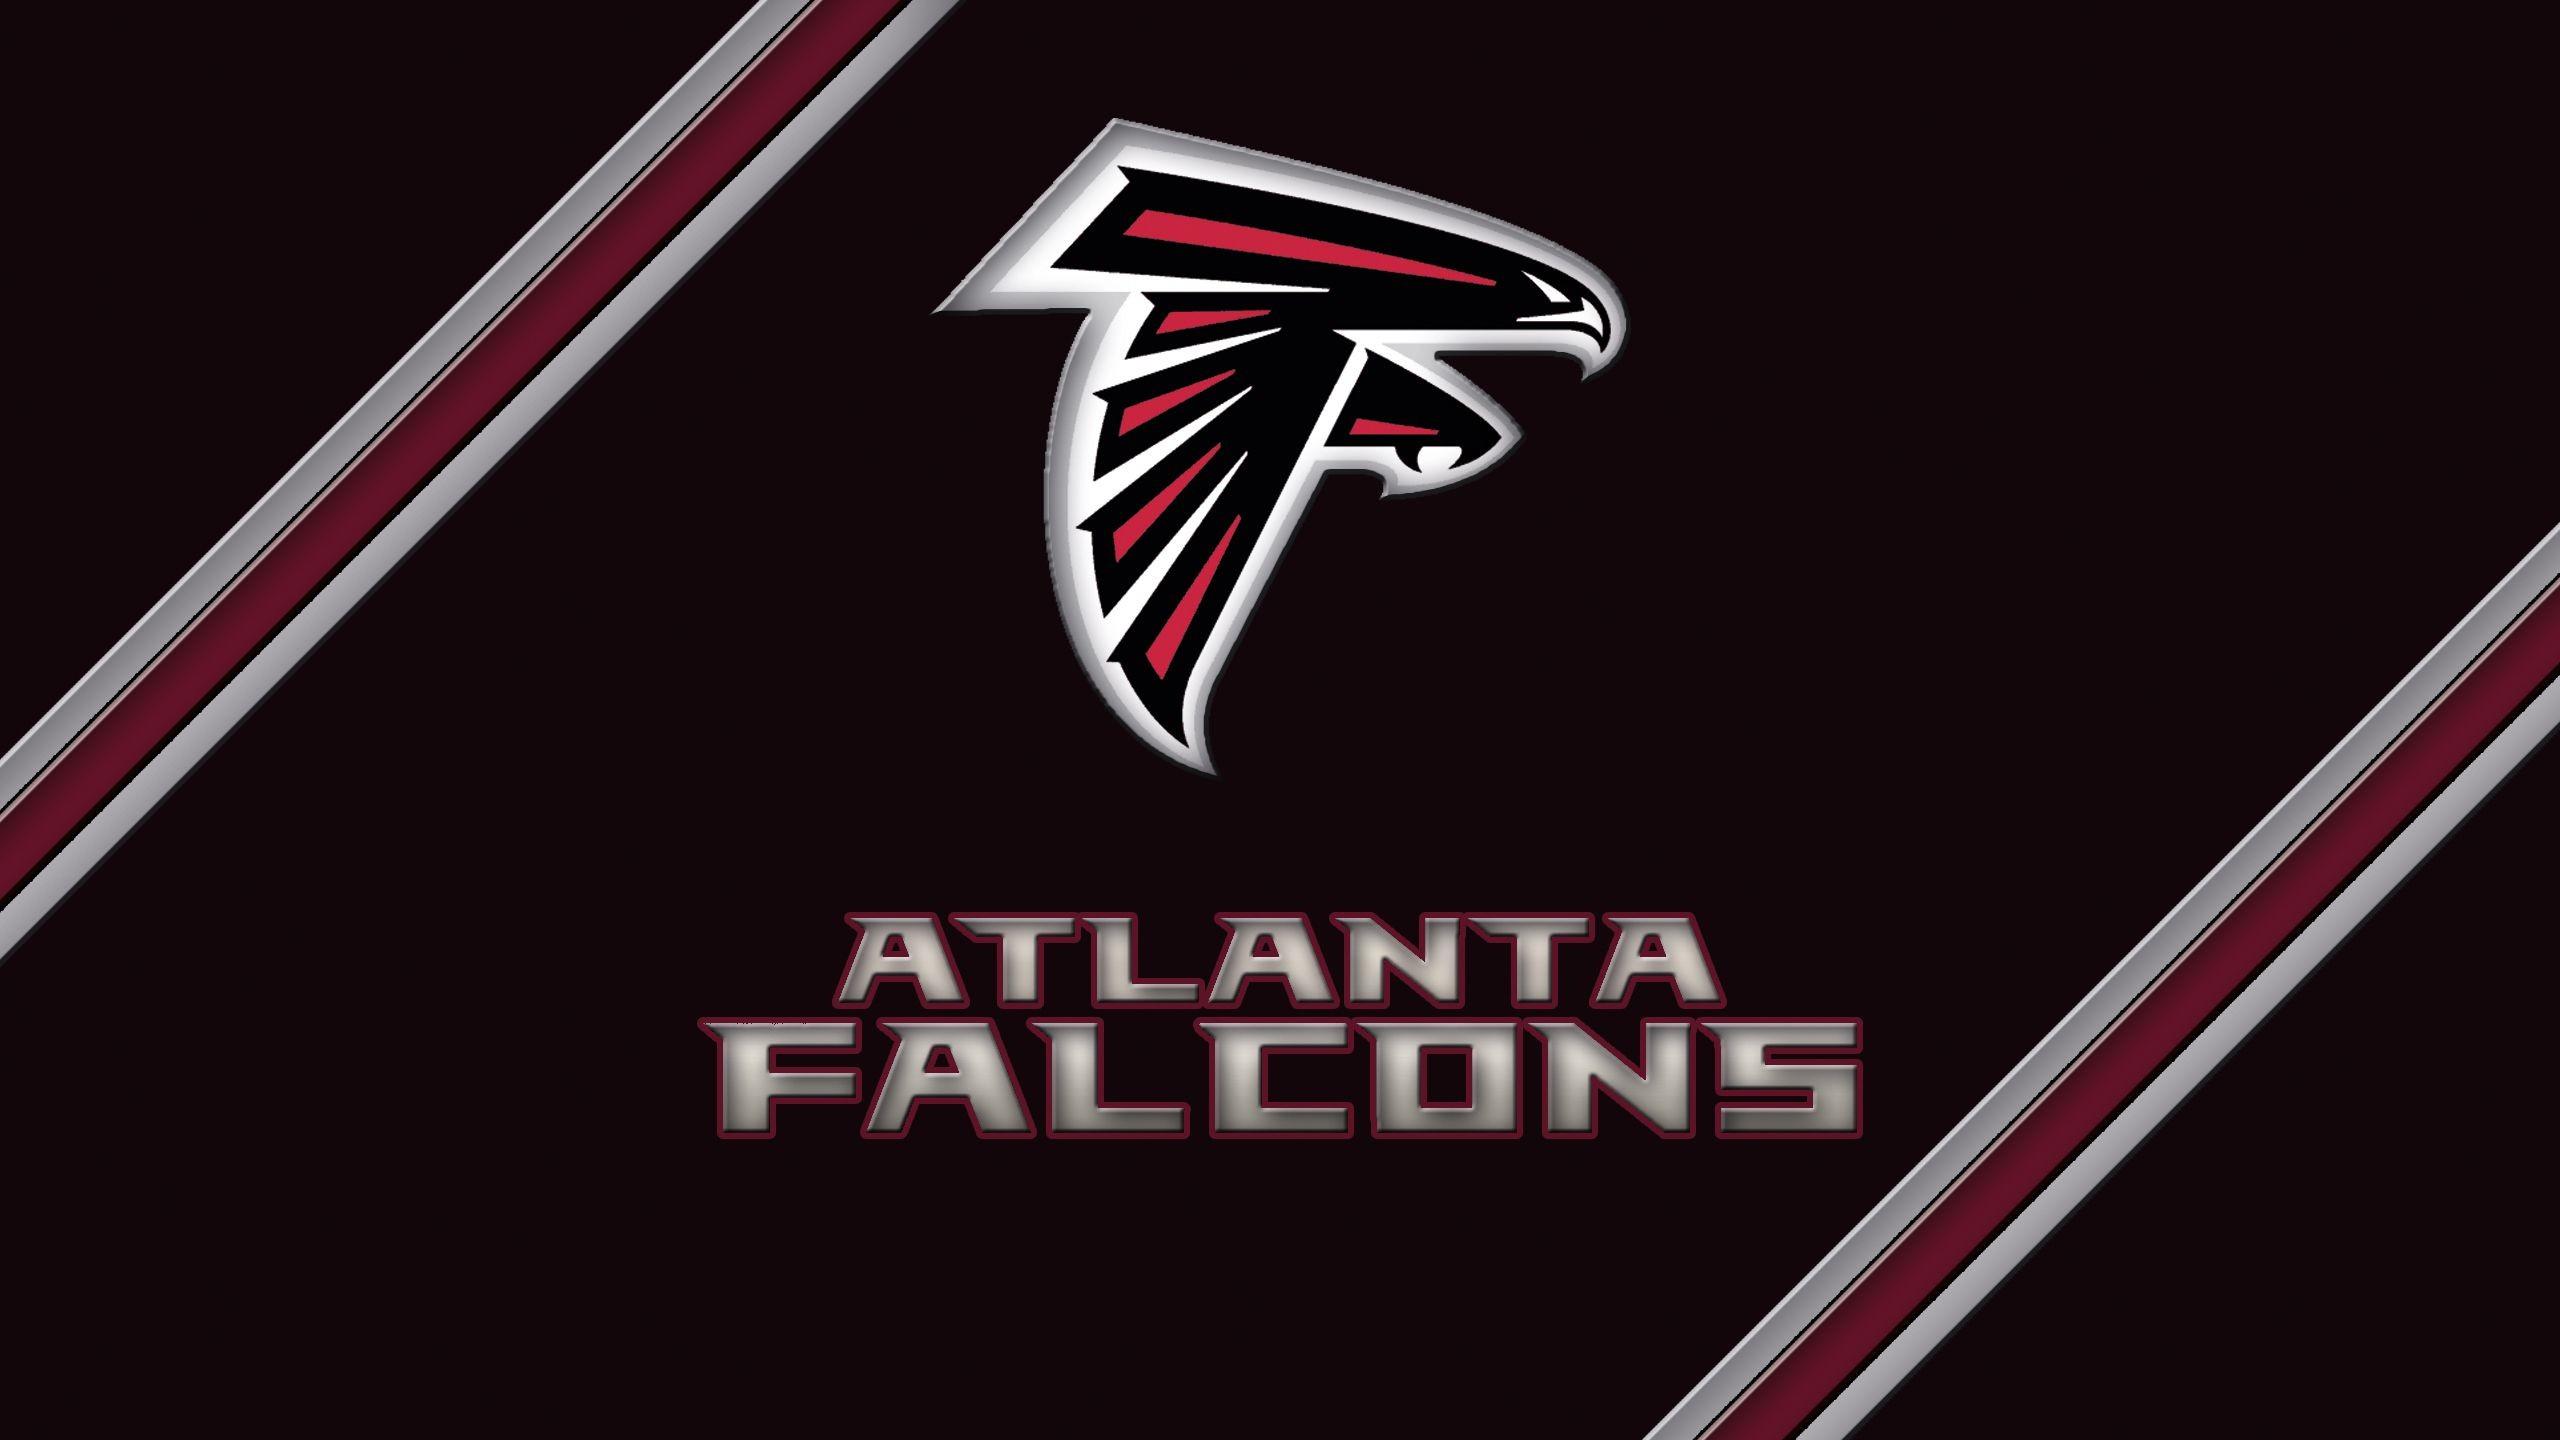 Atlanta Falcons 2018 Wallpaper HD (64+ images)